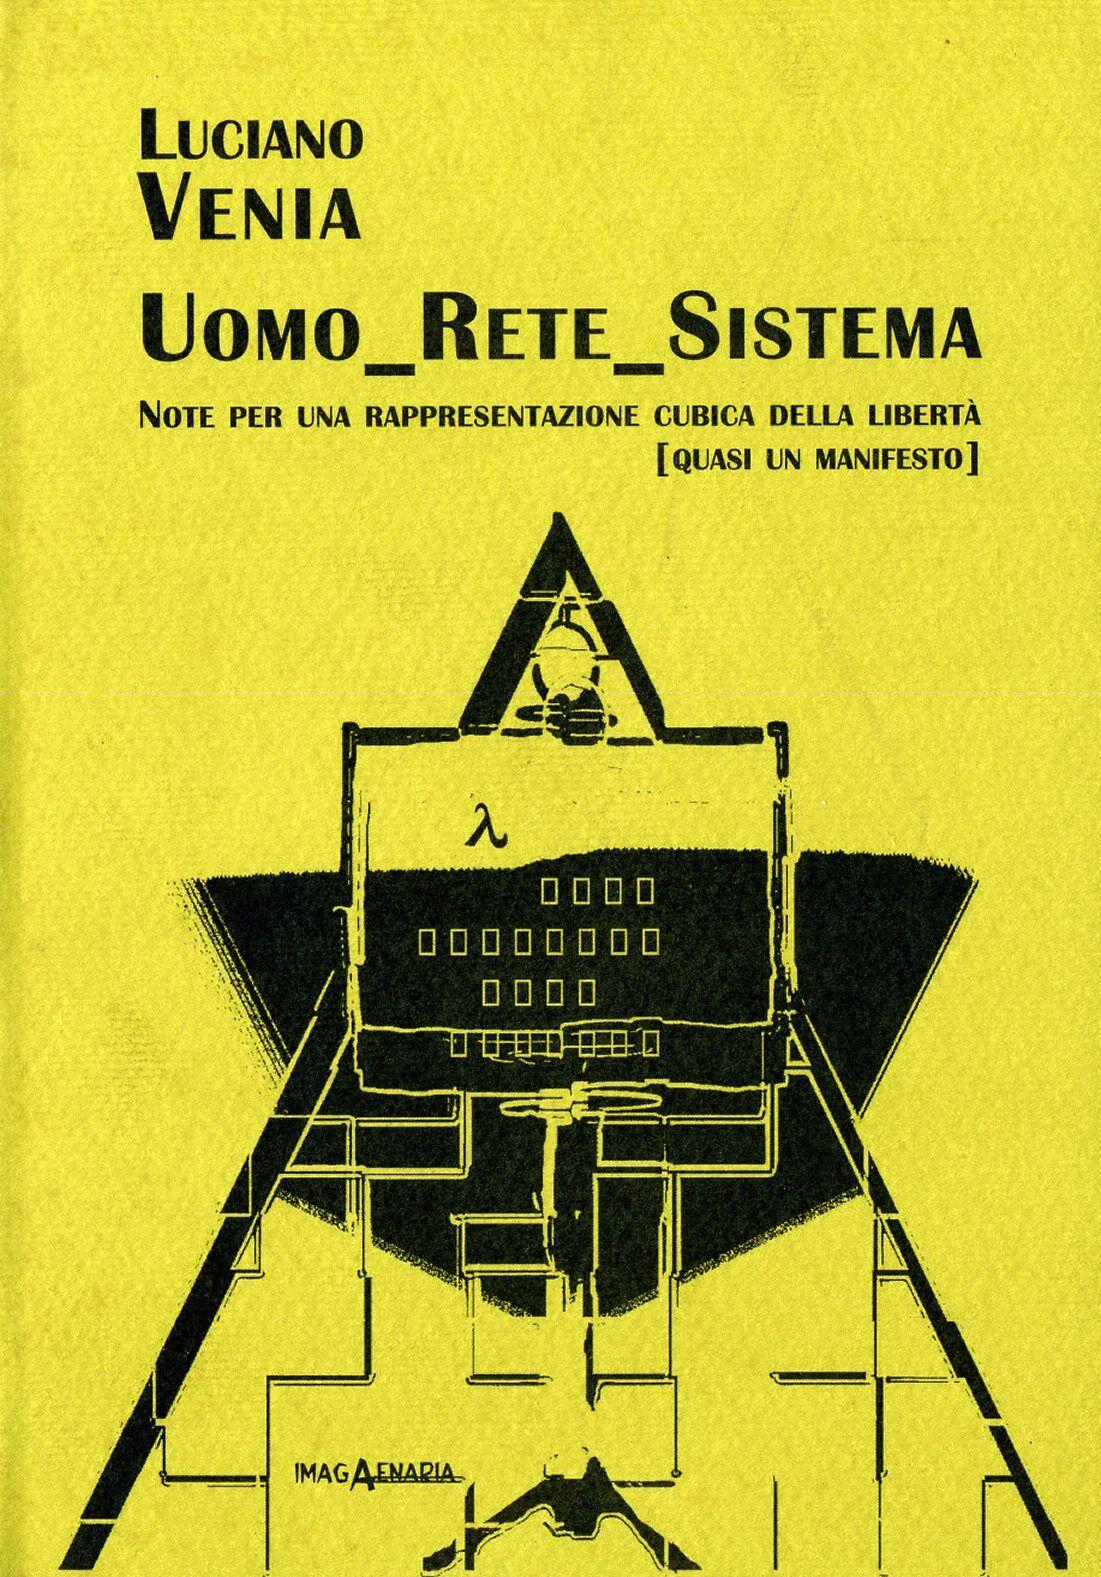 Uomo rete sistema. Note per una rappresentazione cubica della libertà (quasi un manifesto)